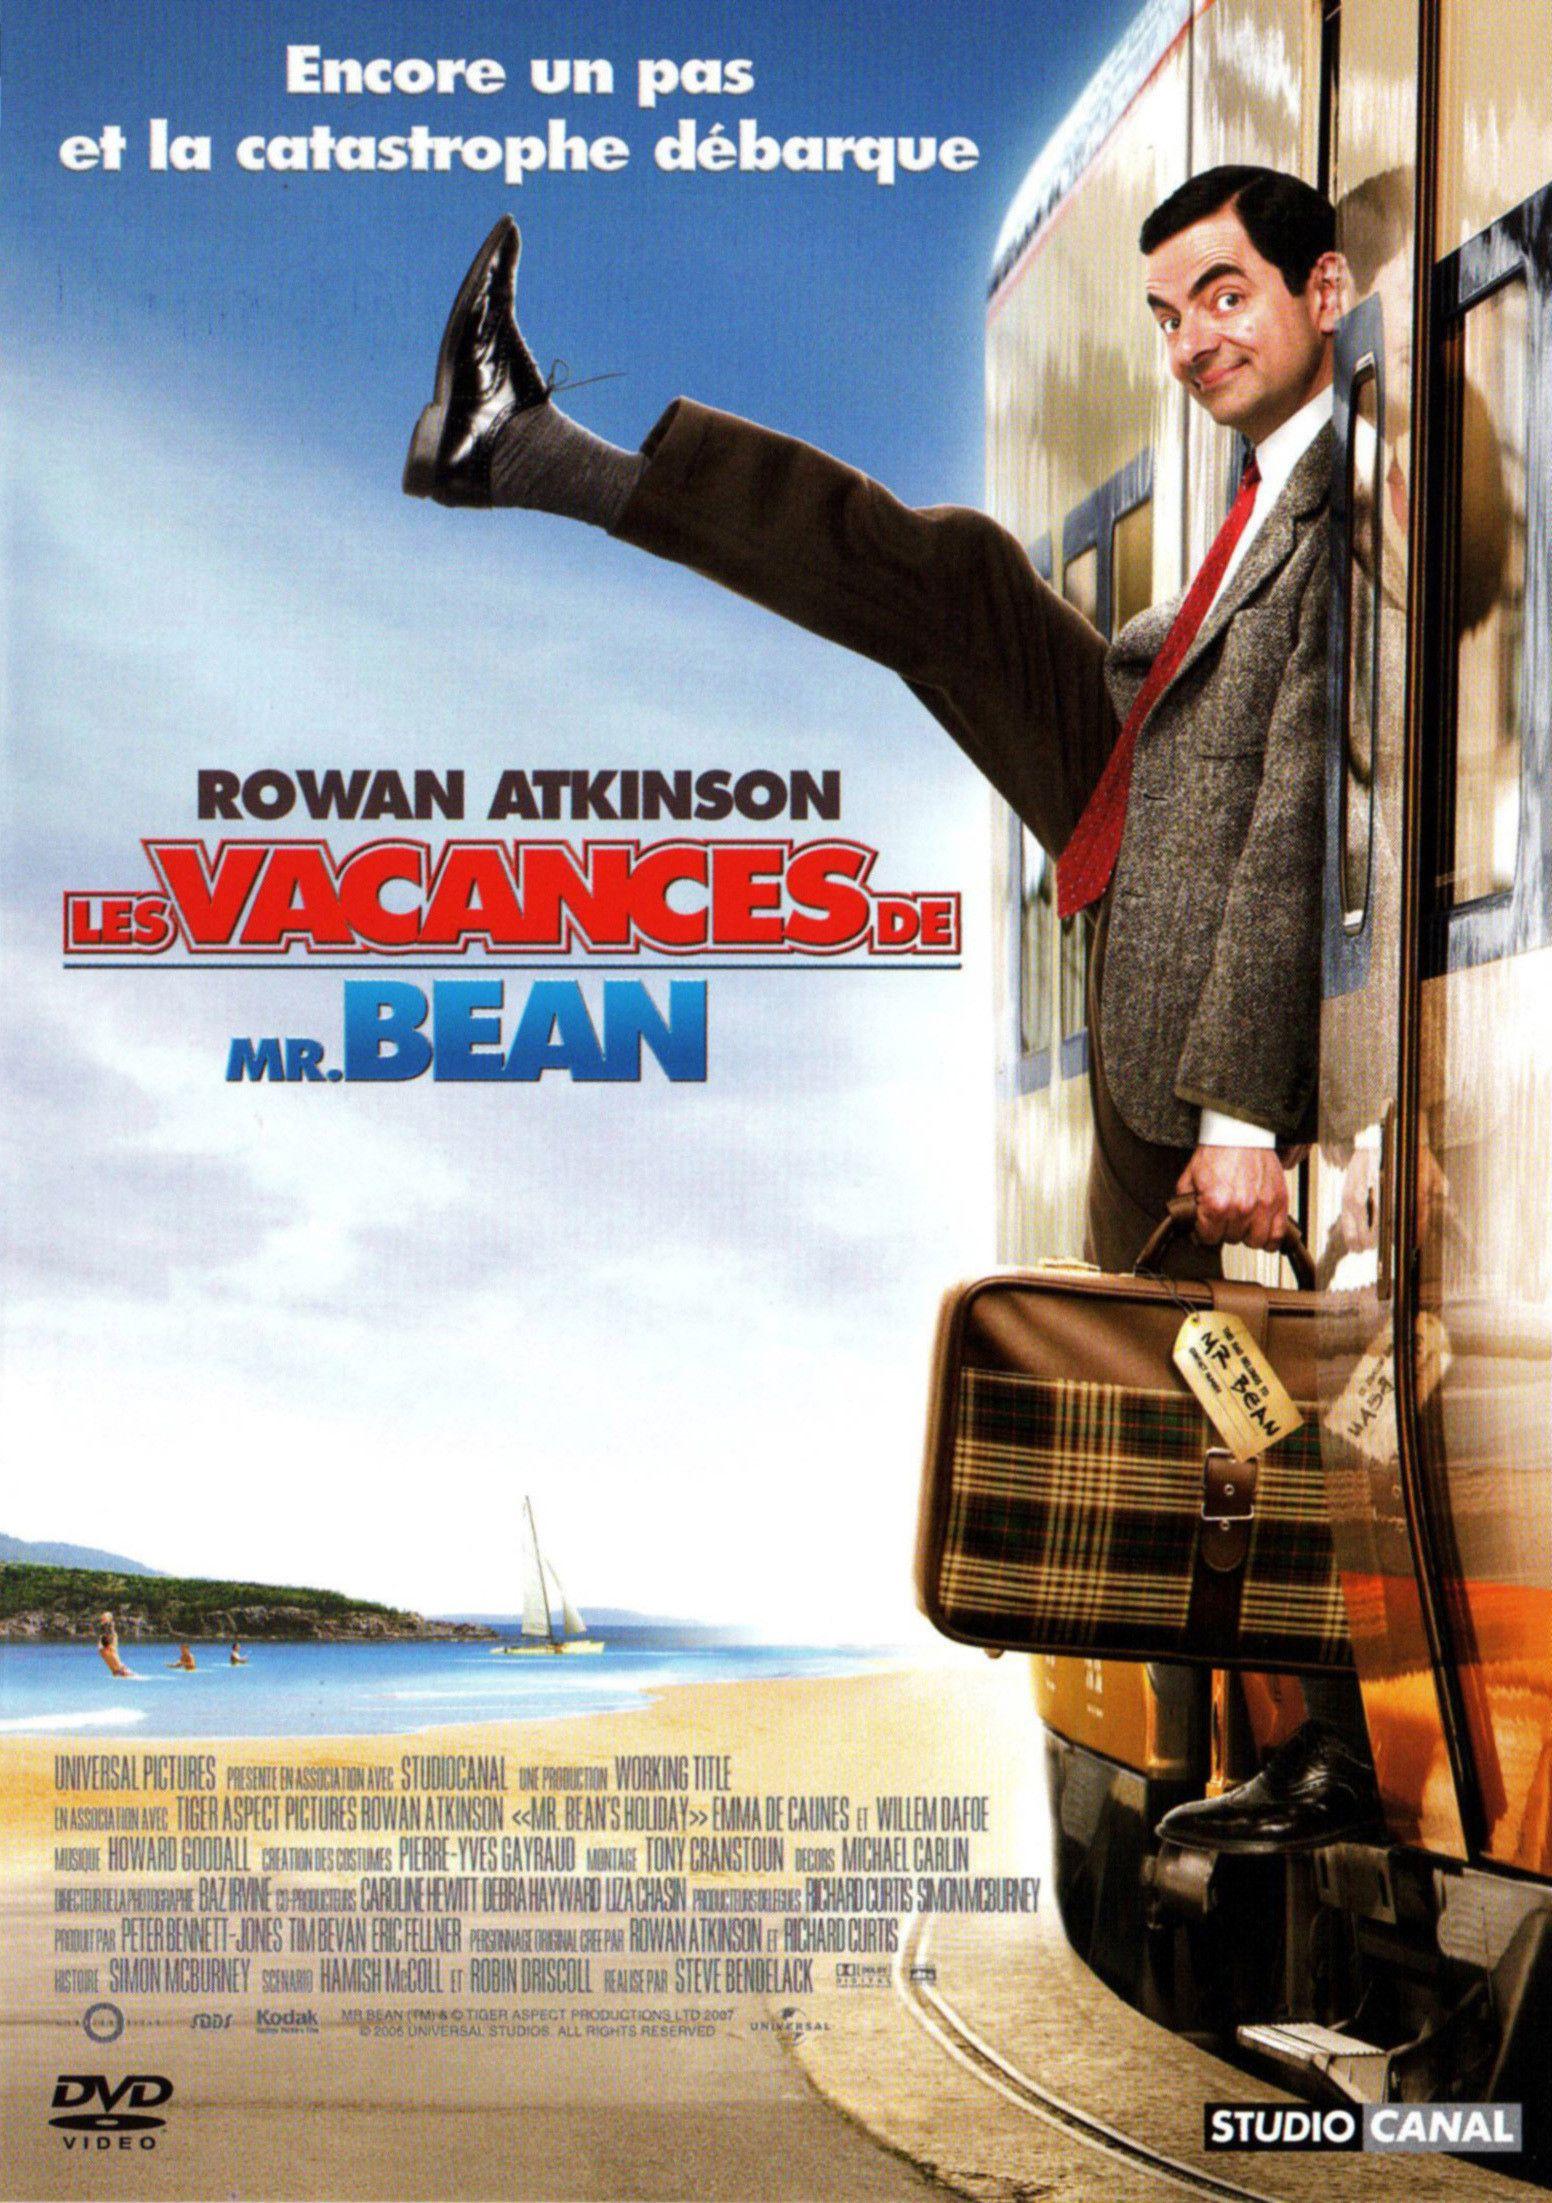 Regardez Les Vacances de Mr. Bean gratuitement - Films